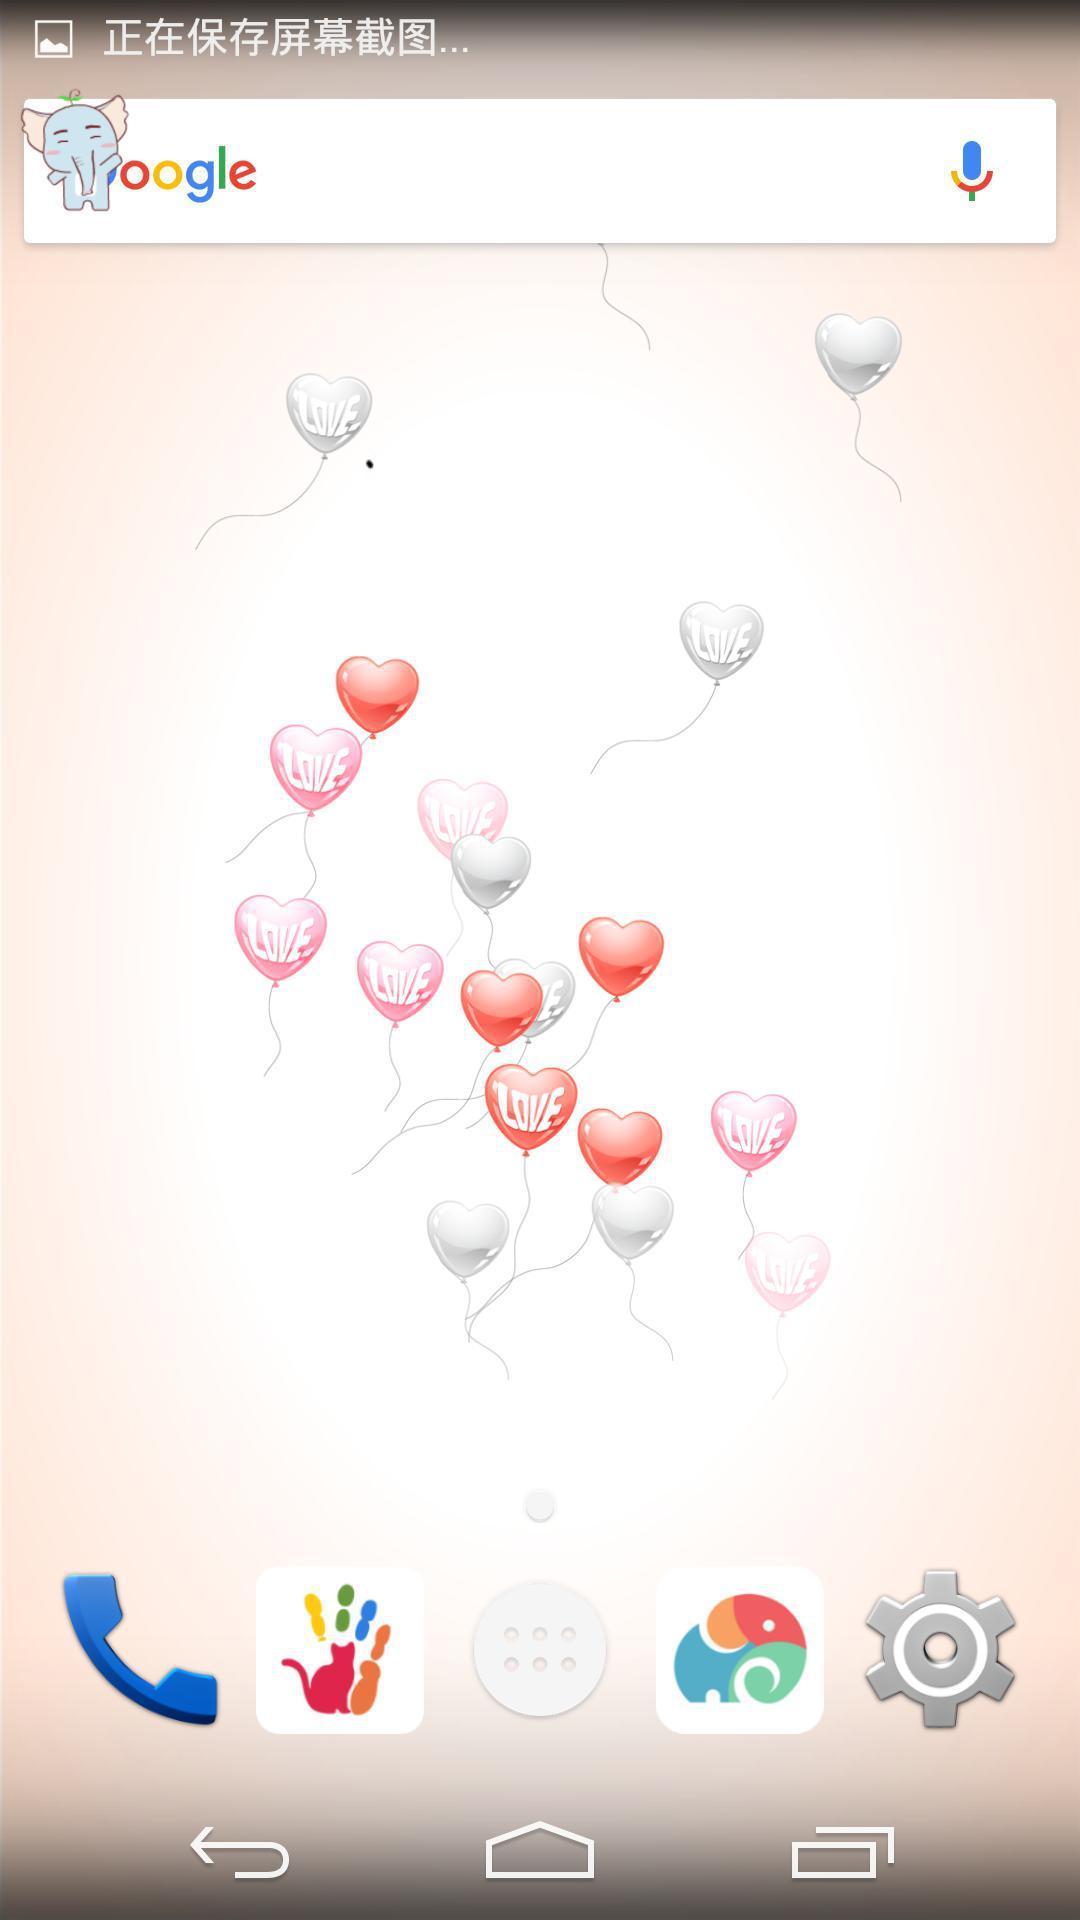 爱心气球-梦象动态壁纸截图2